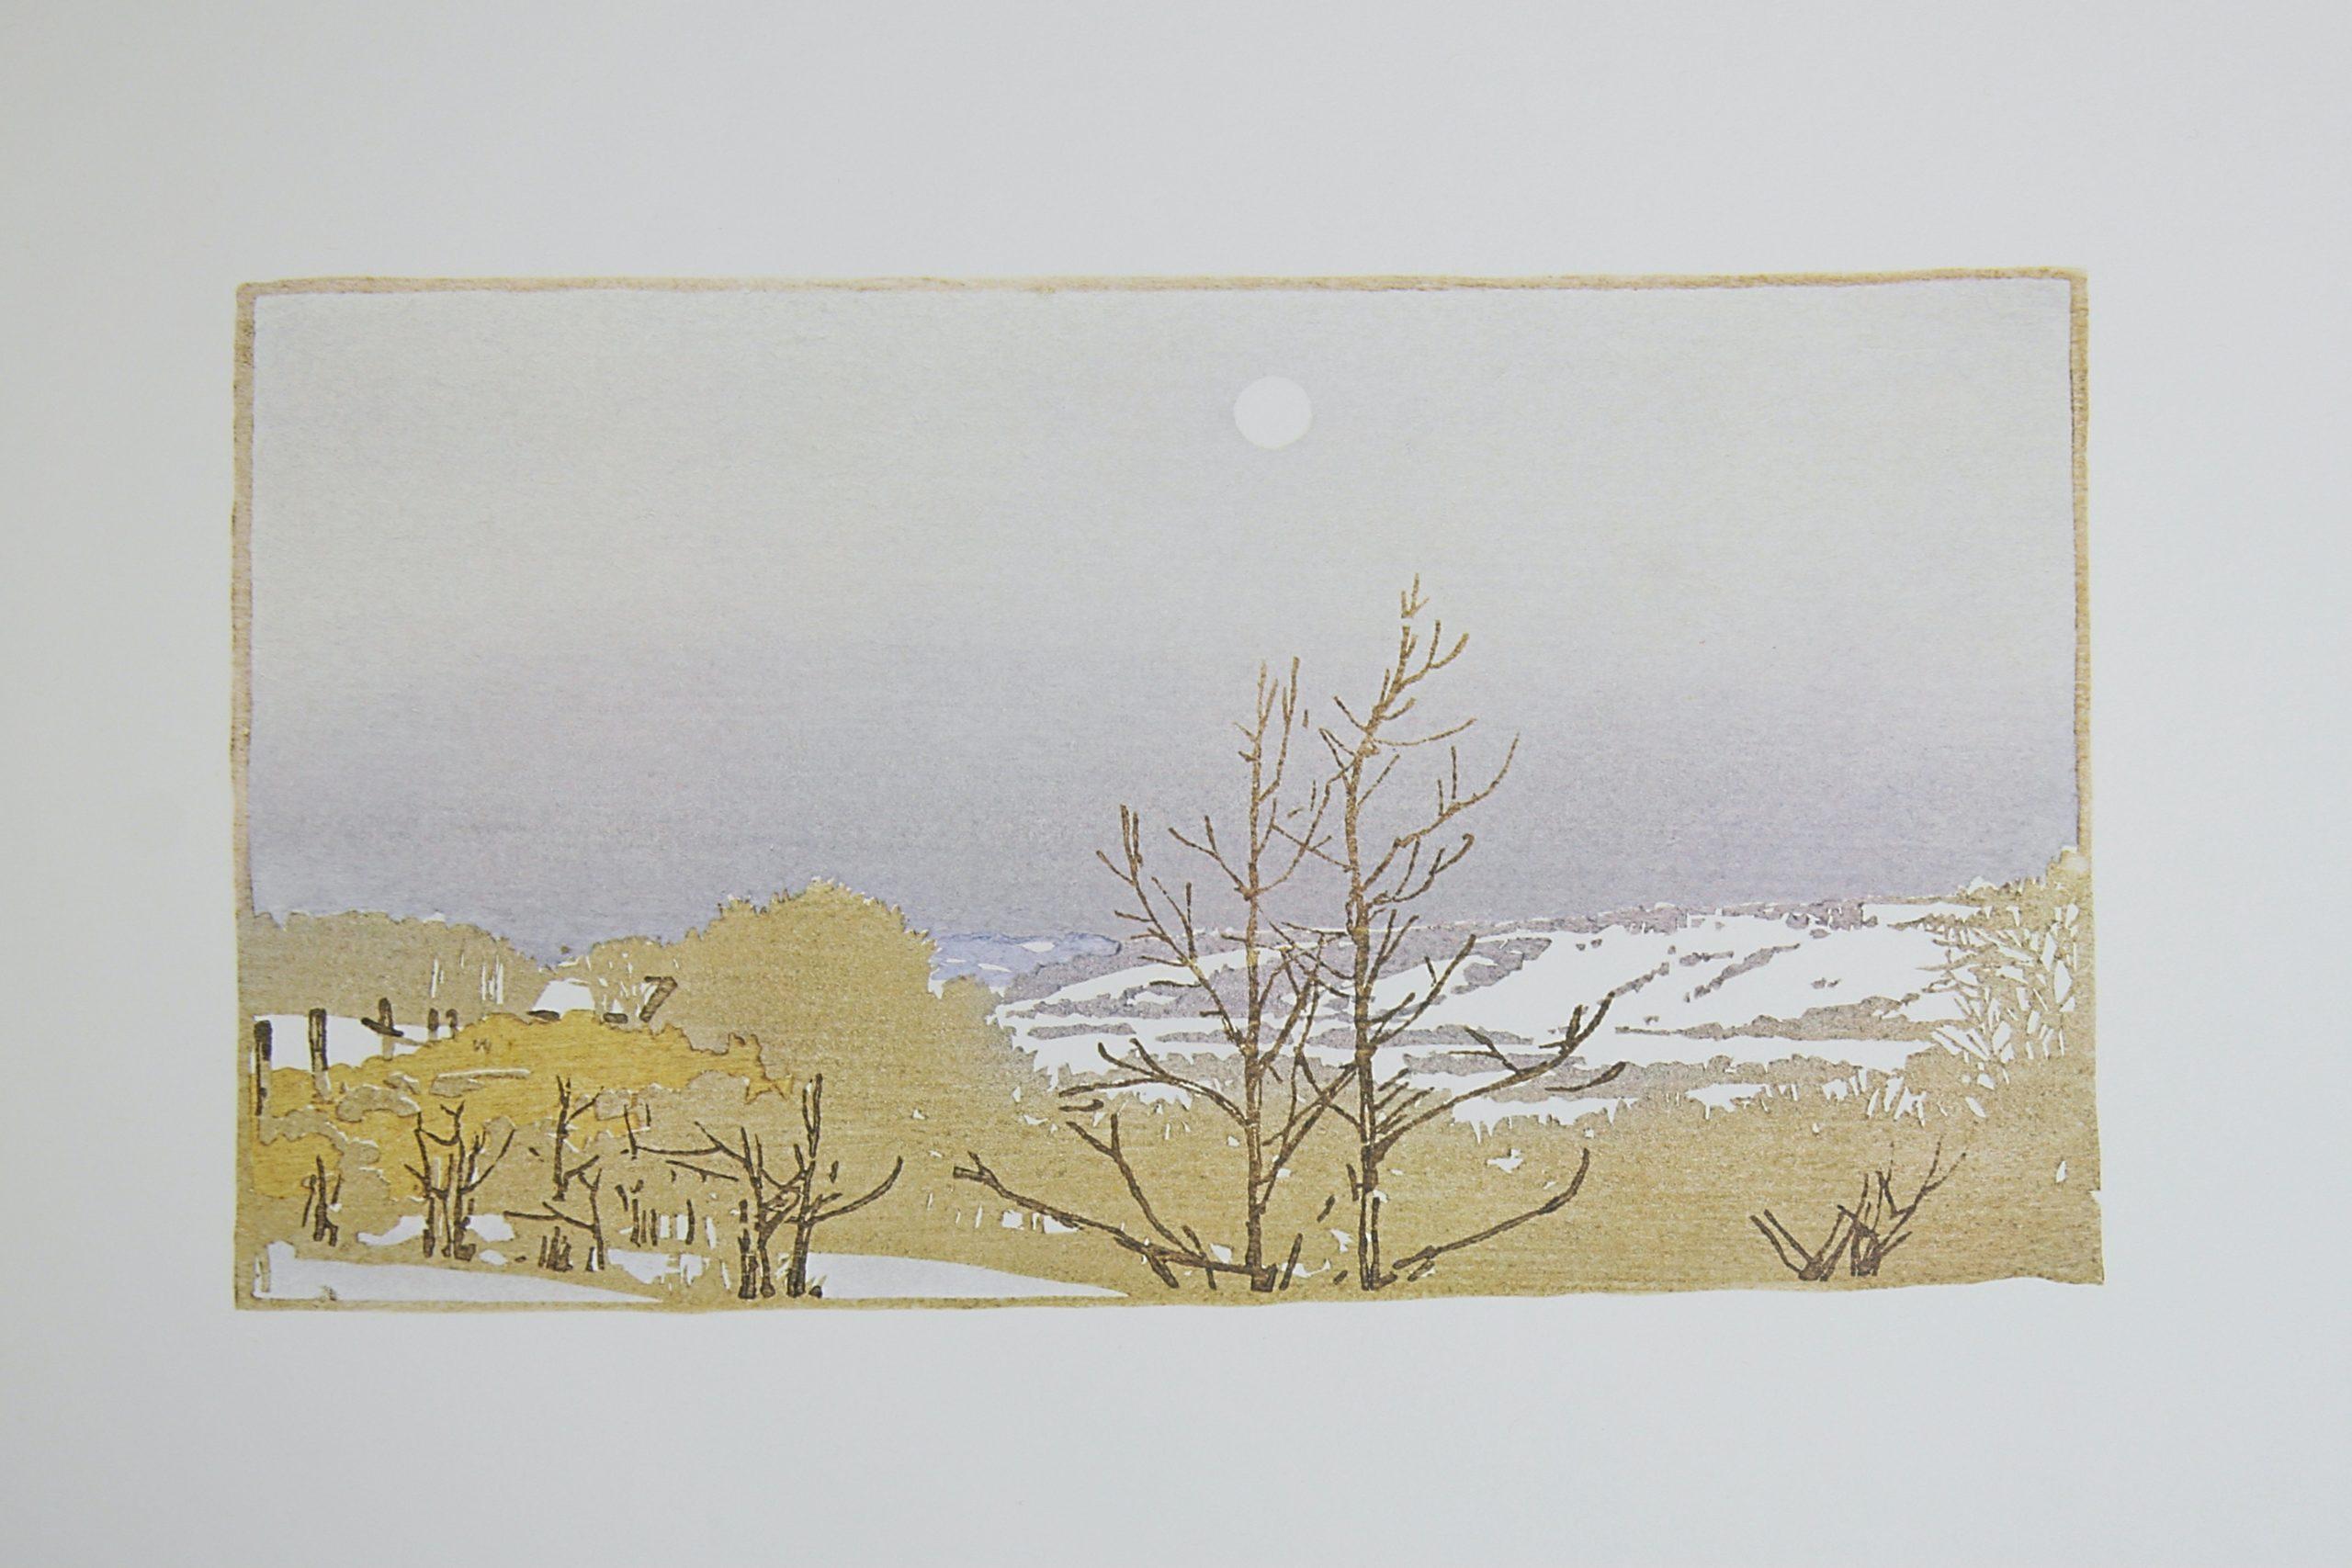 Winter by WJ Phillips